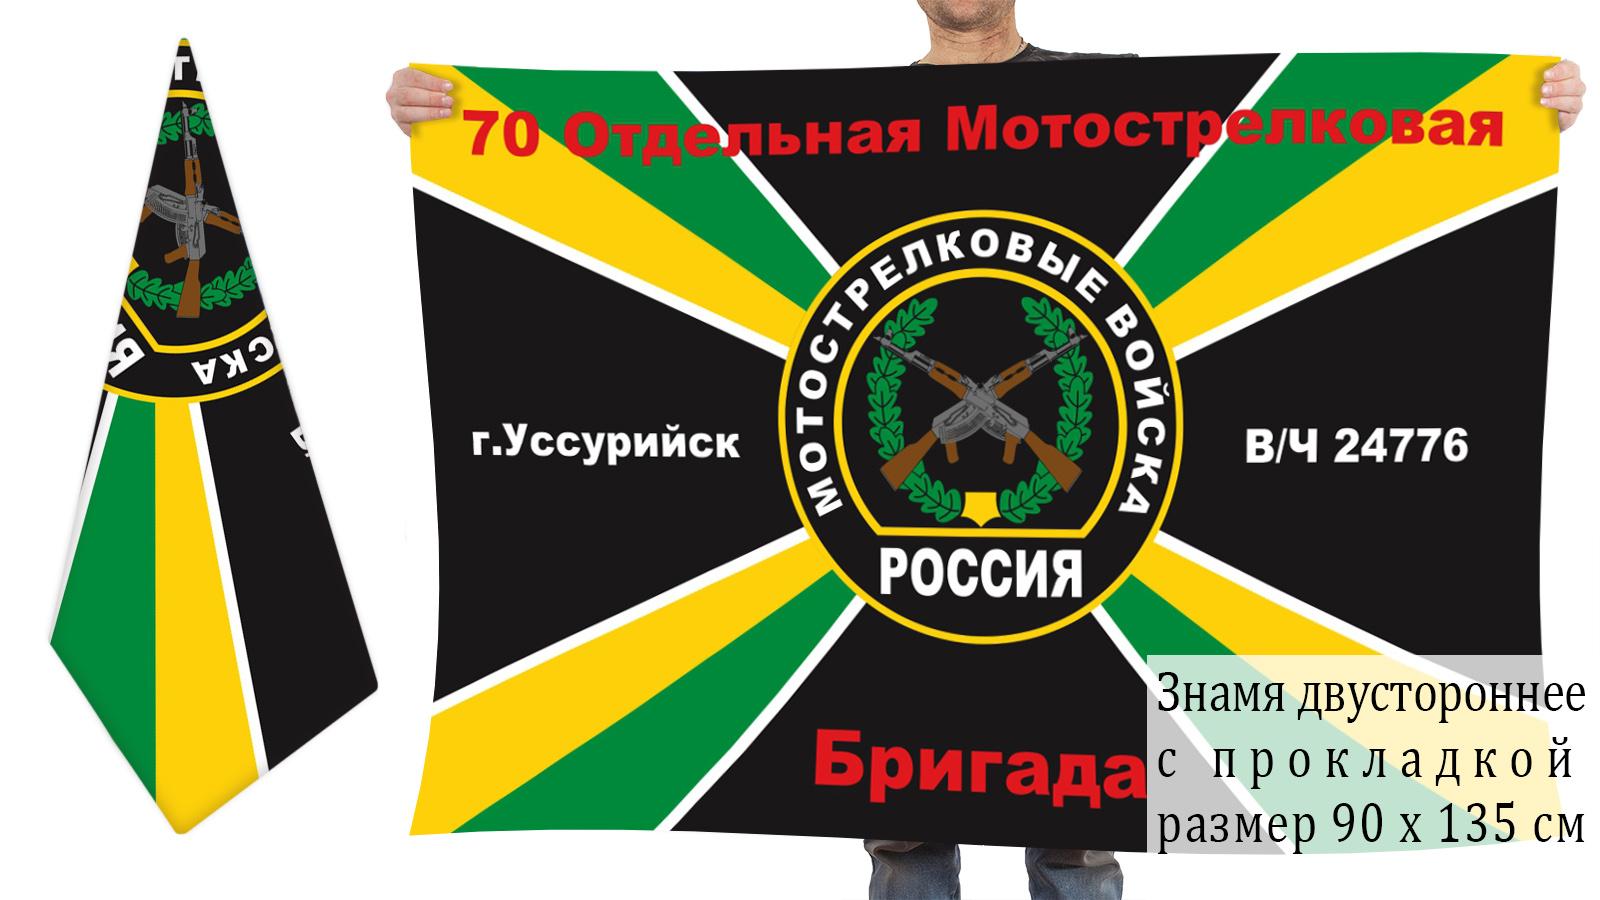 Двусторонний флаг 70 отдельной бригады мотострелков РФ